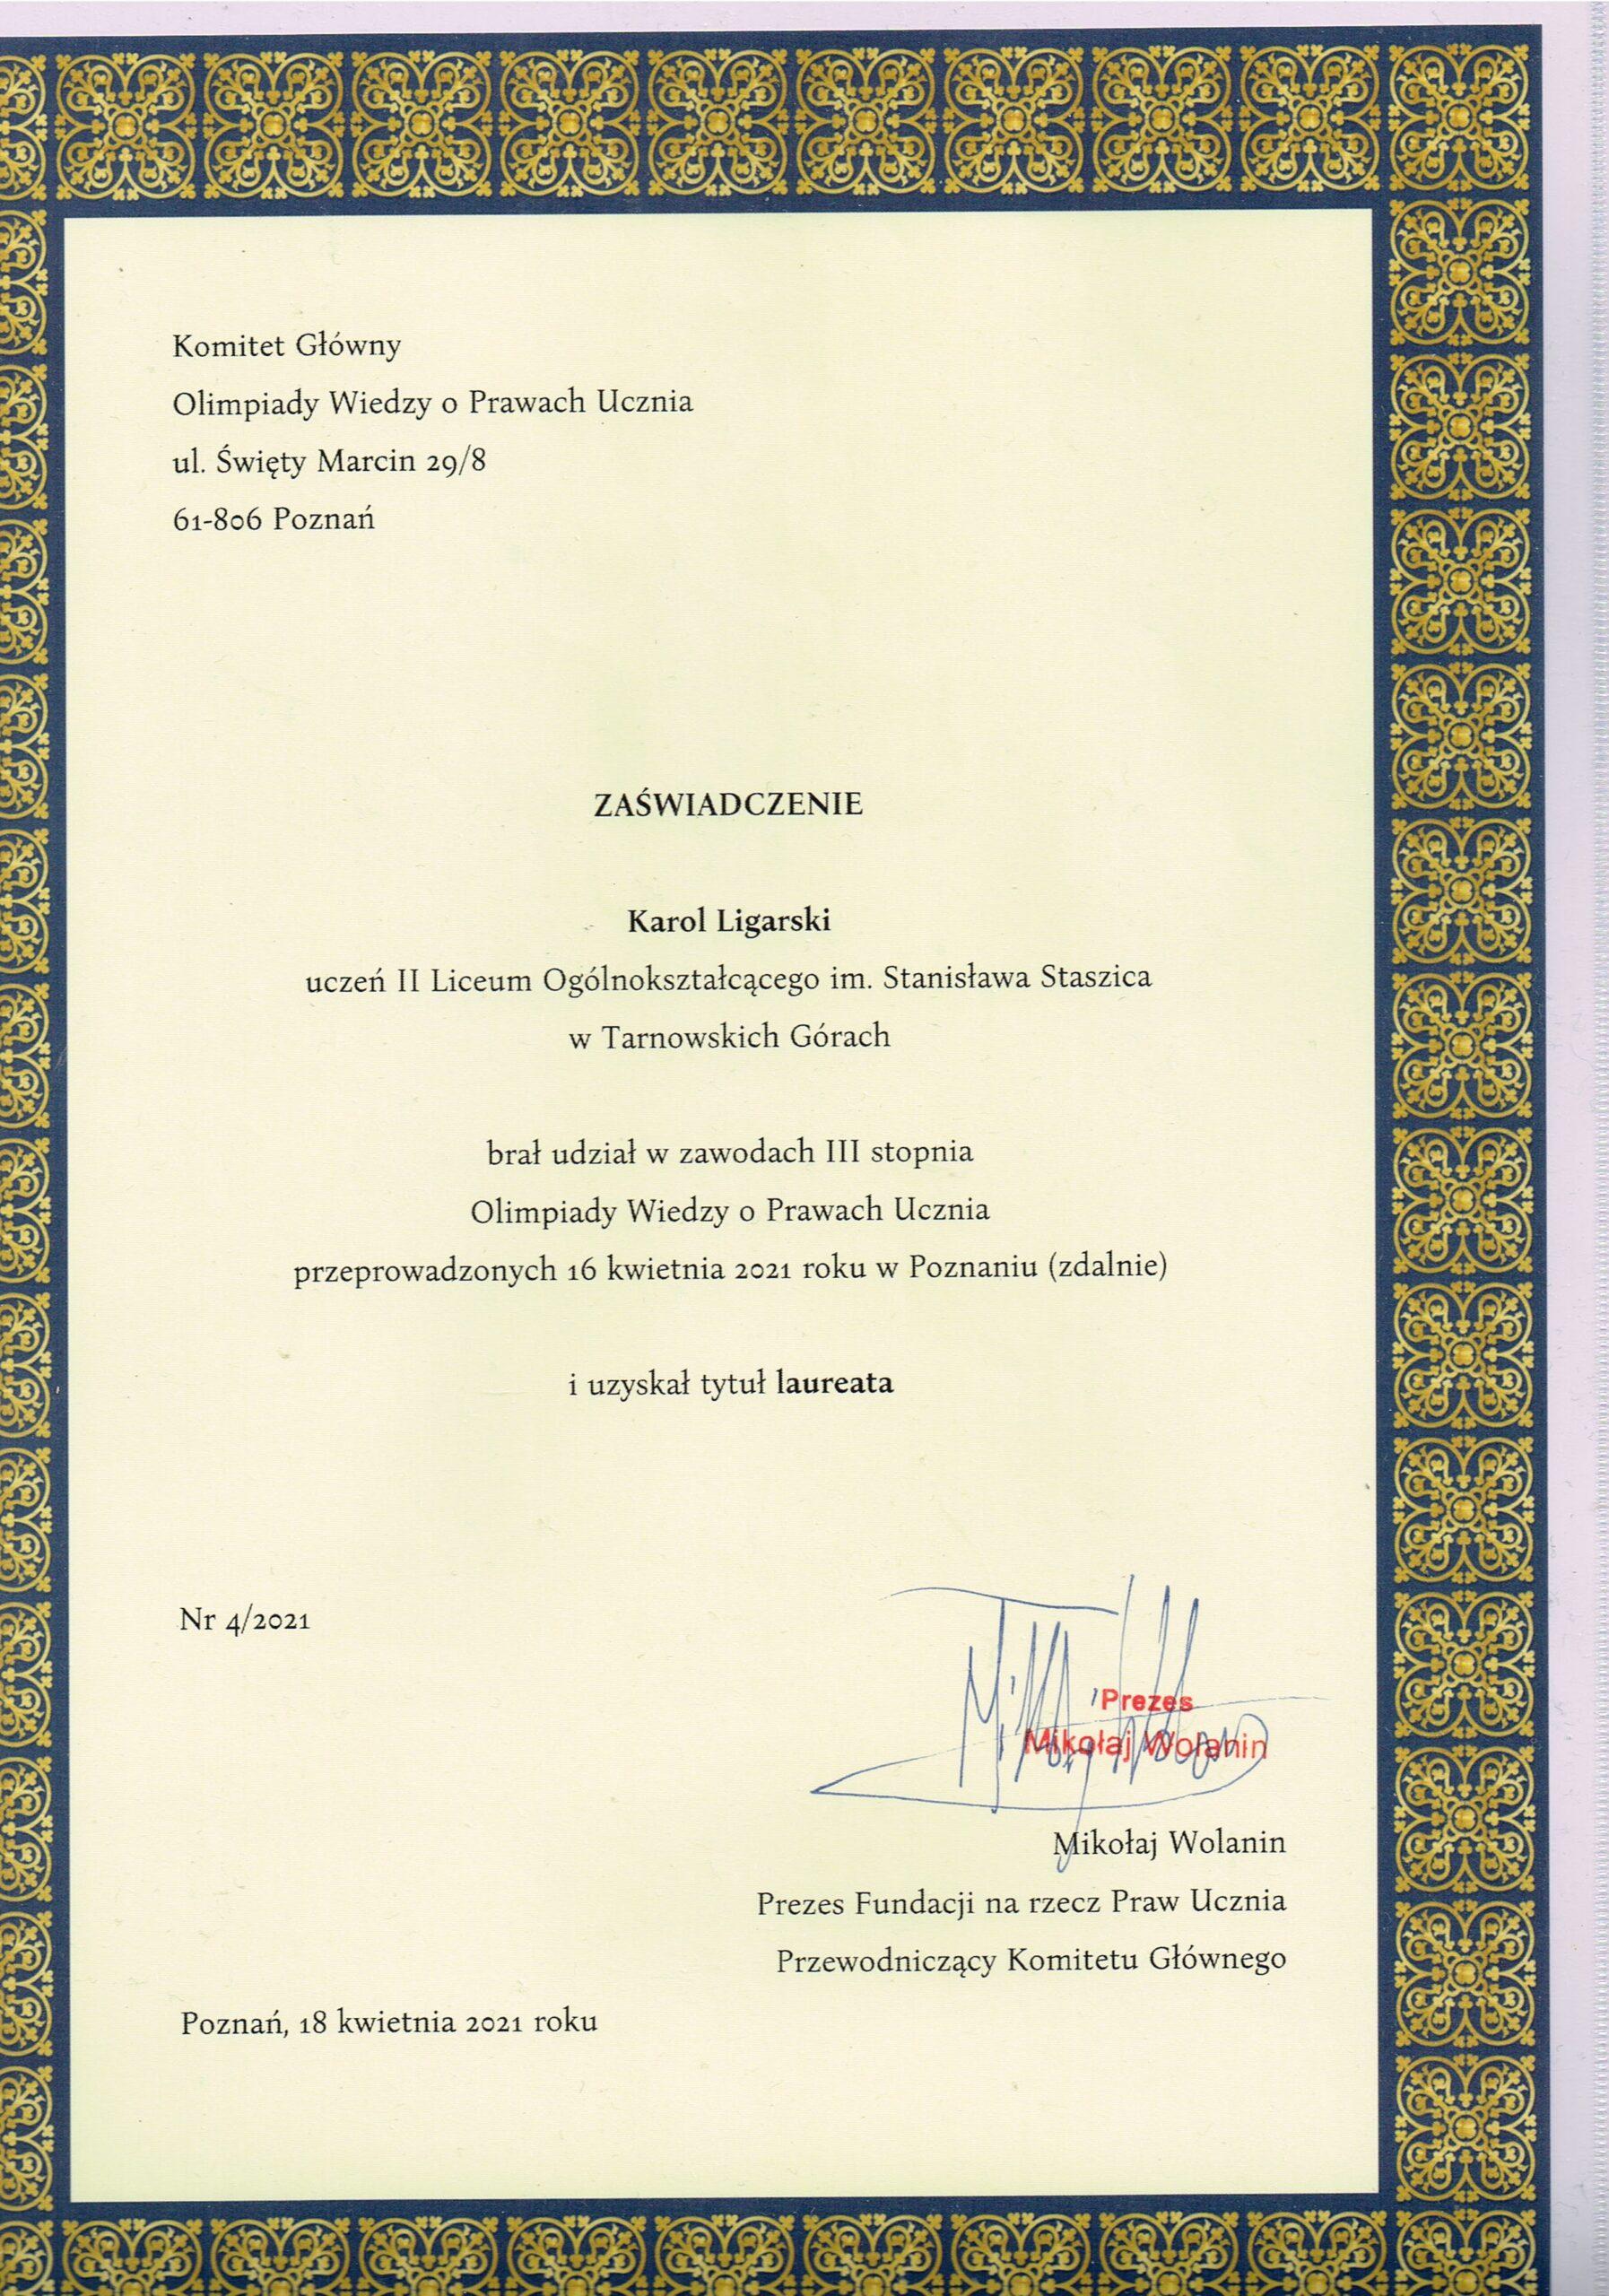 Karol Ligarski laureatem Olimpiady Wiedzy o Prawach Ucznia